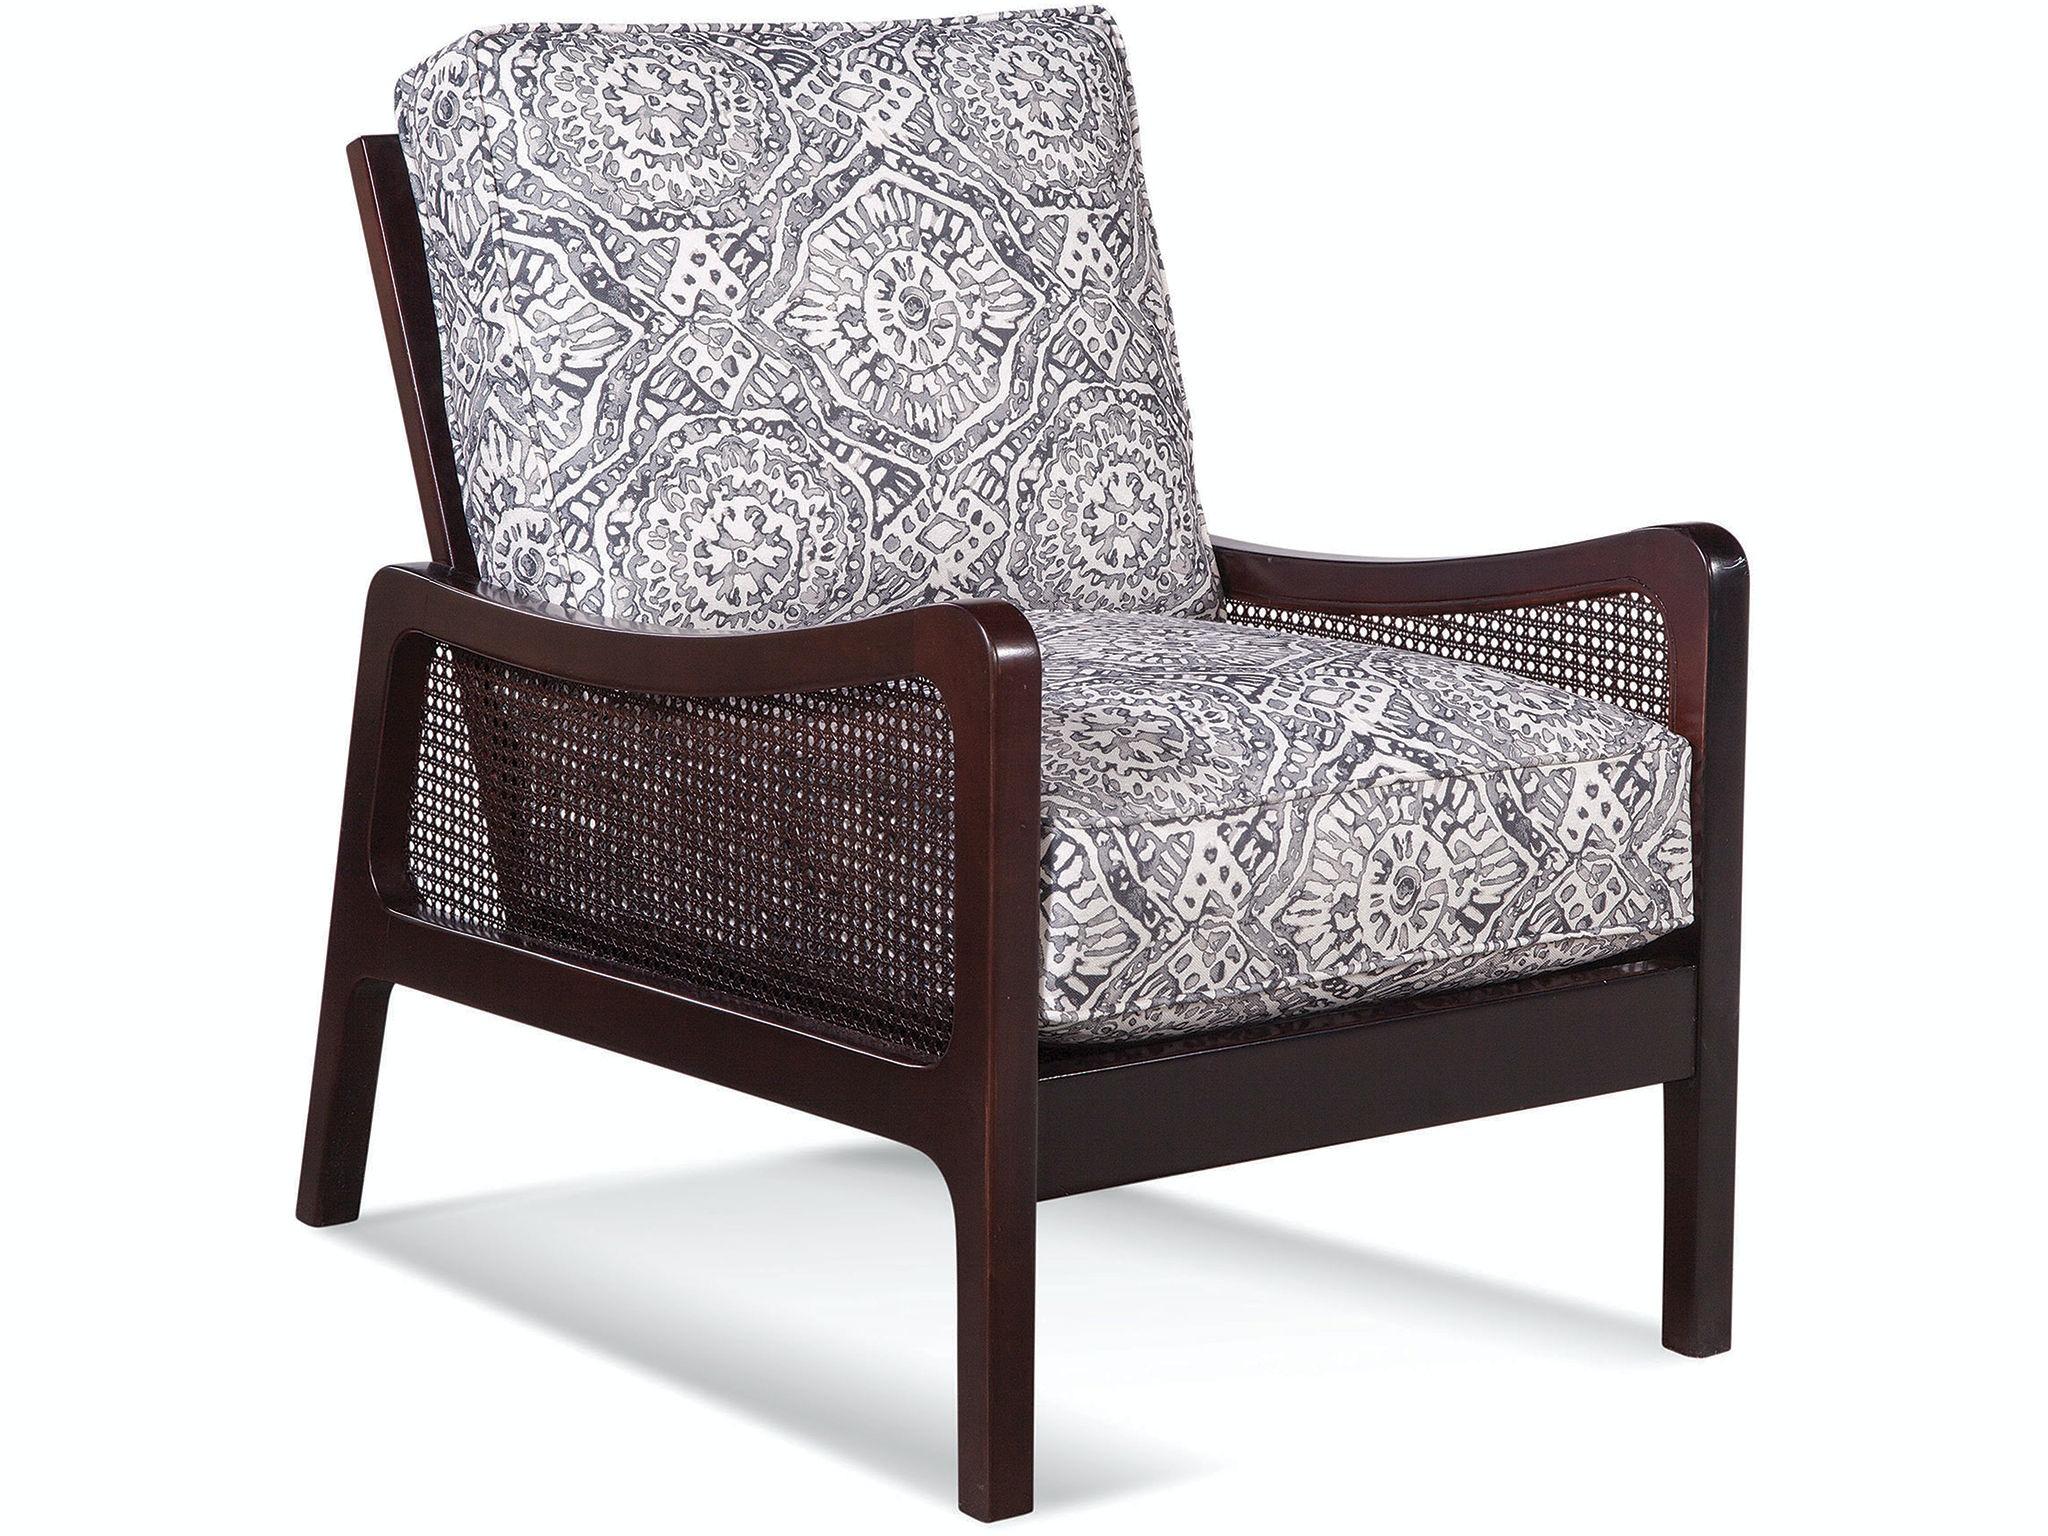 Braxton Culler Chair 1016 001